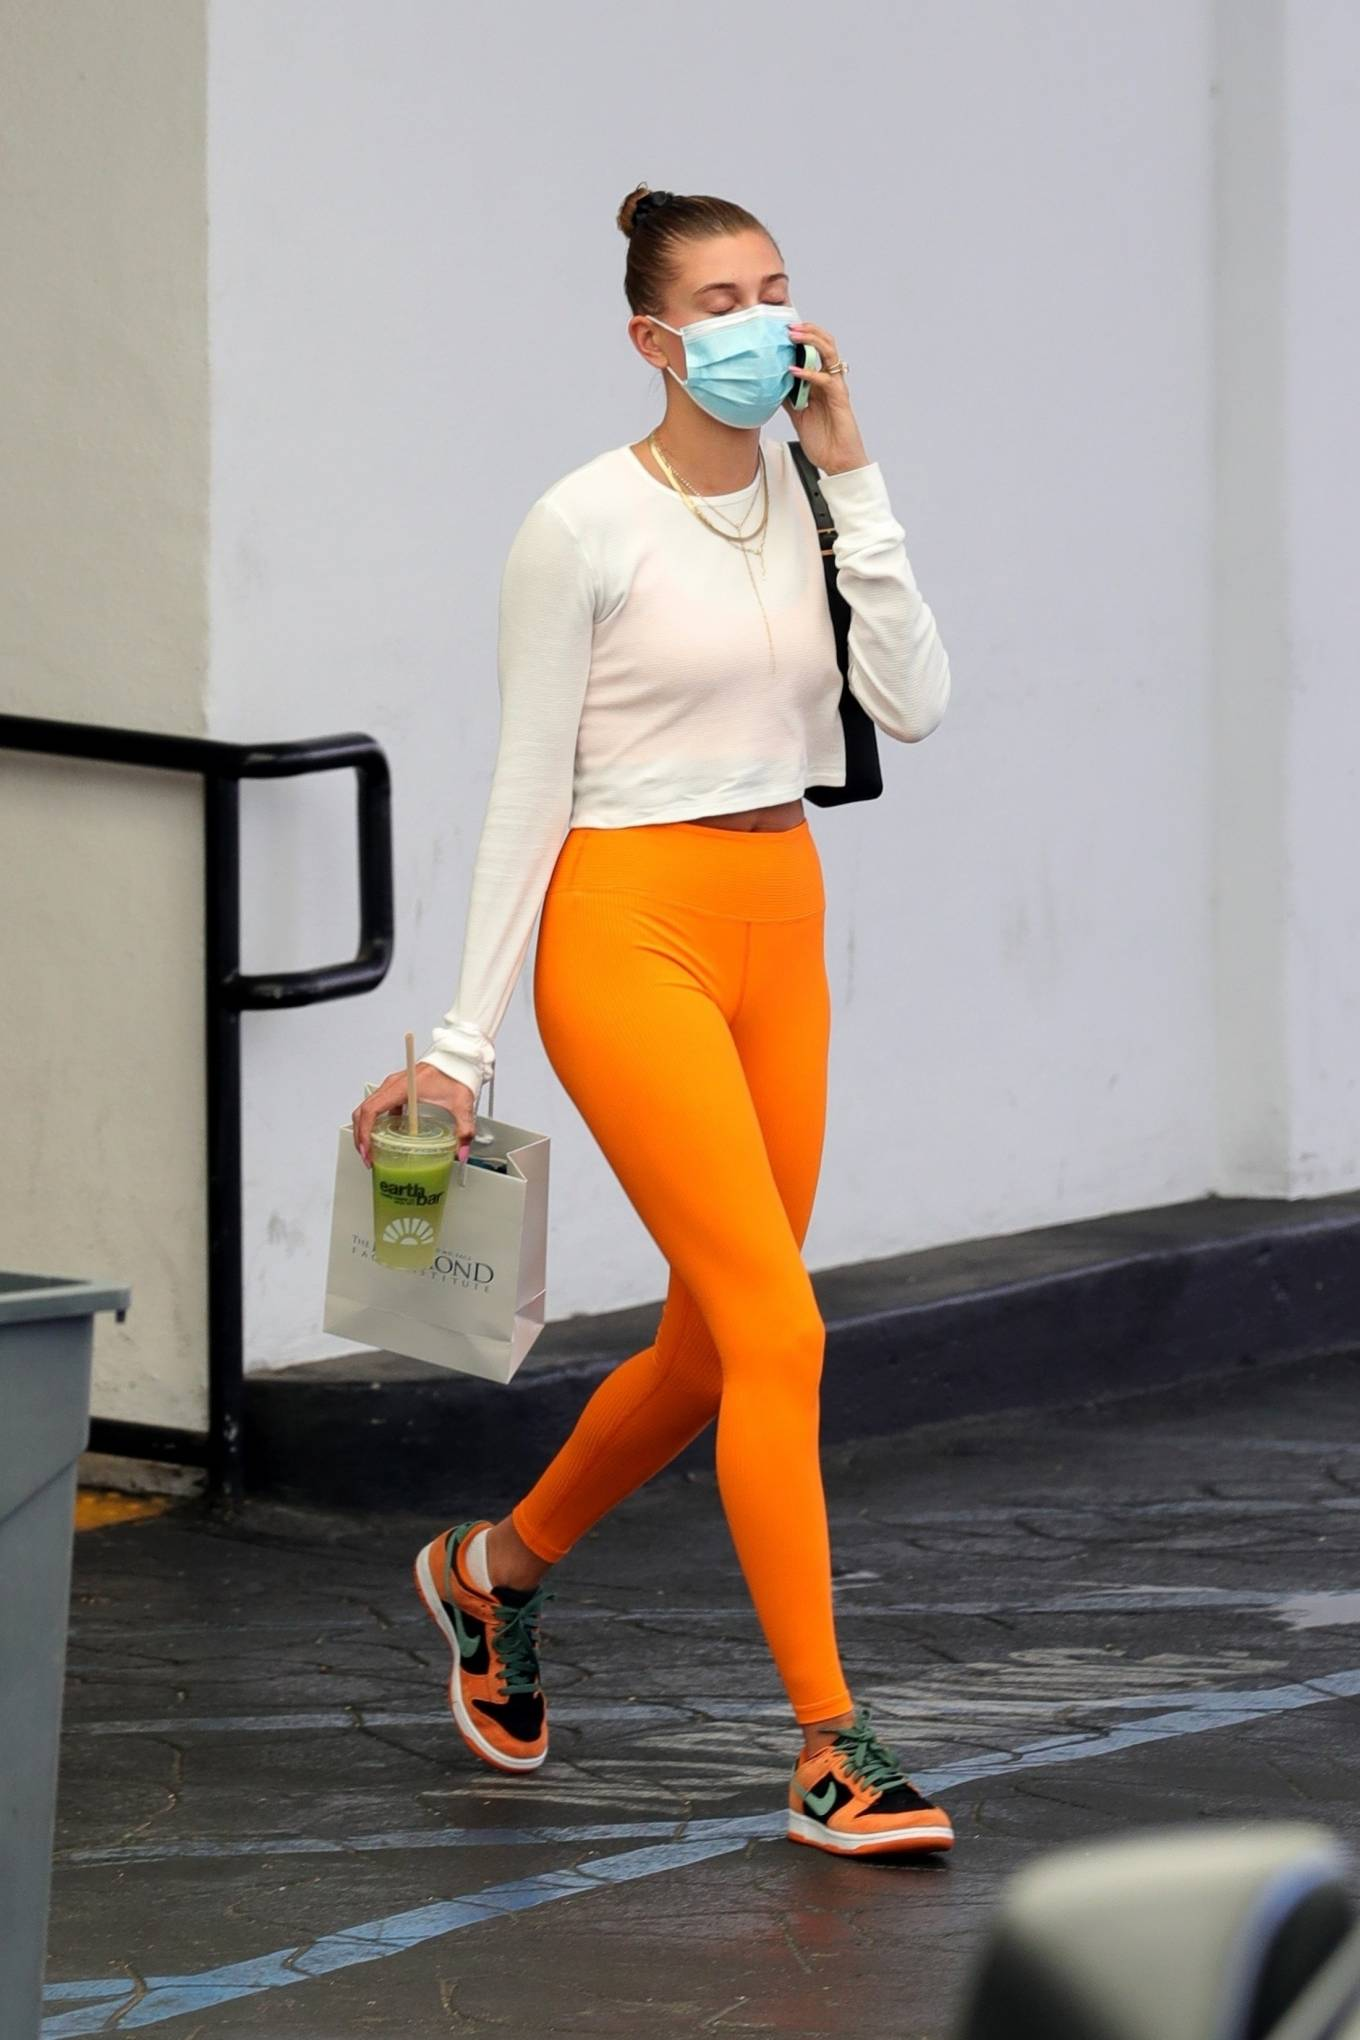 Hailey Baldwin rocking brand logo orange Nike lace-up sneakers